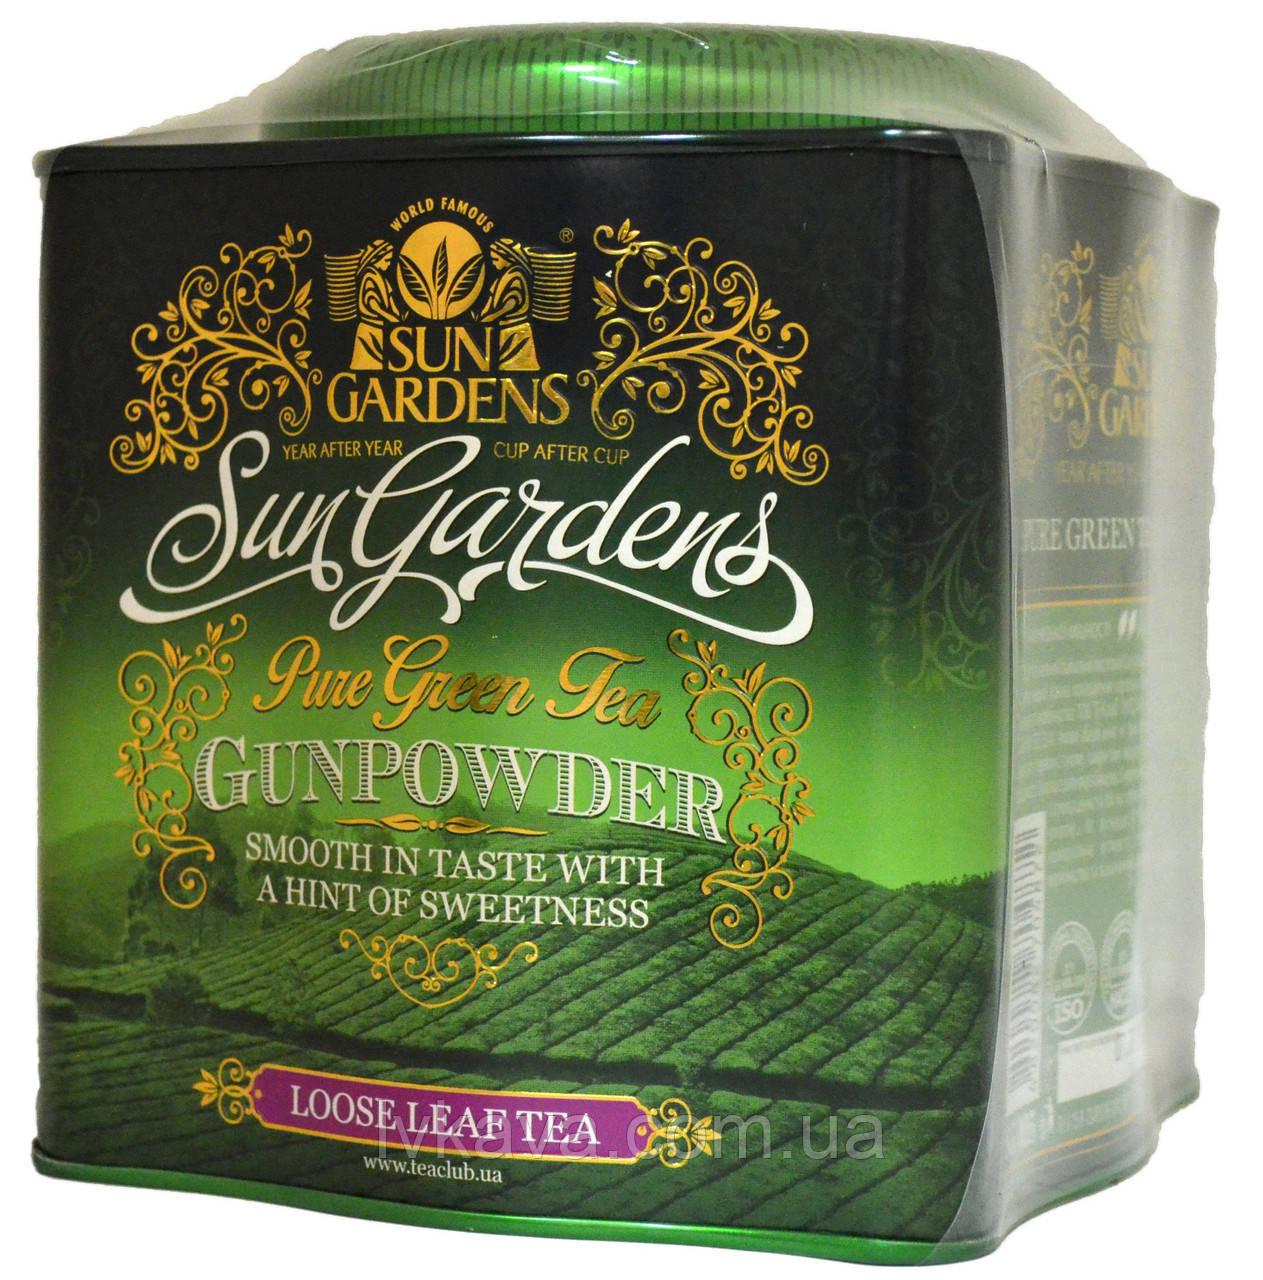 Чай зеленый Gunpowder Sun Gardens ,ж\б, 250 гр